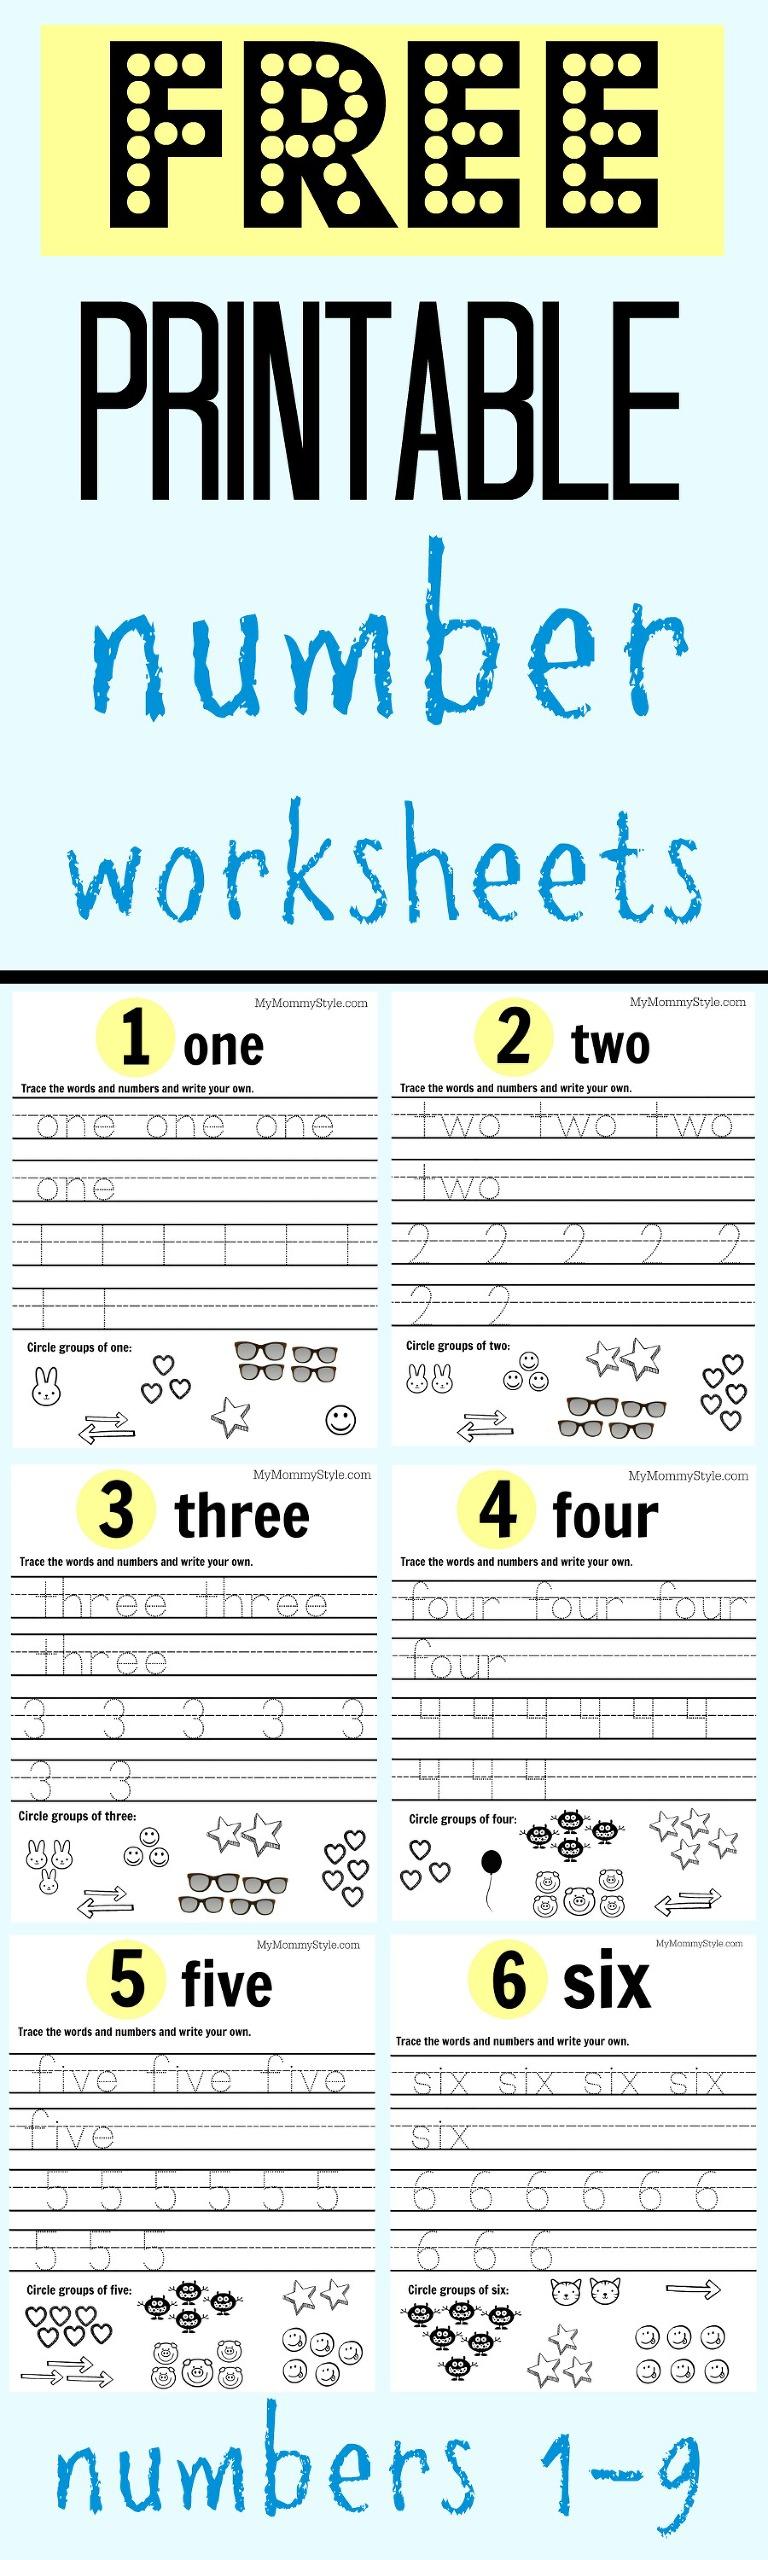 worksheet Free Number Worksheets free printable number worksheets 1 9 my mommy style numbers for preschool